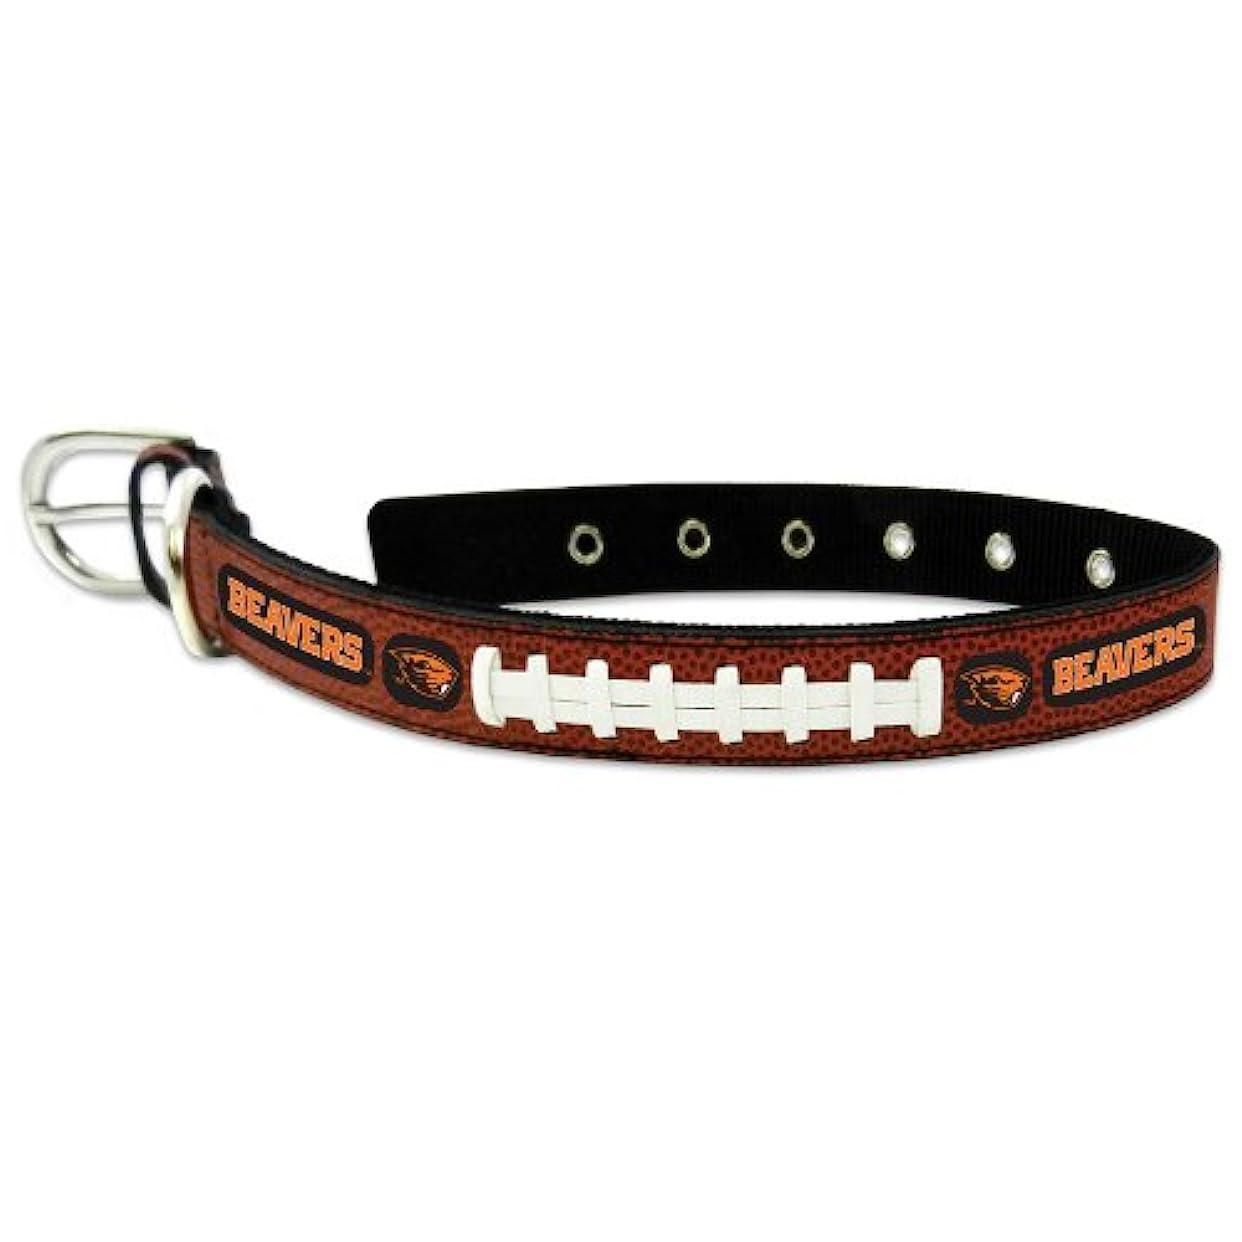 閉じ込める仲間、同僚アルバニーOregon State Beavers Classic Leather Medium Football Collar